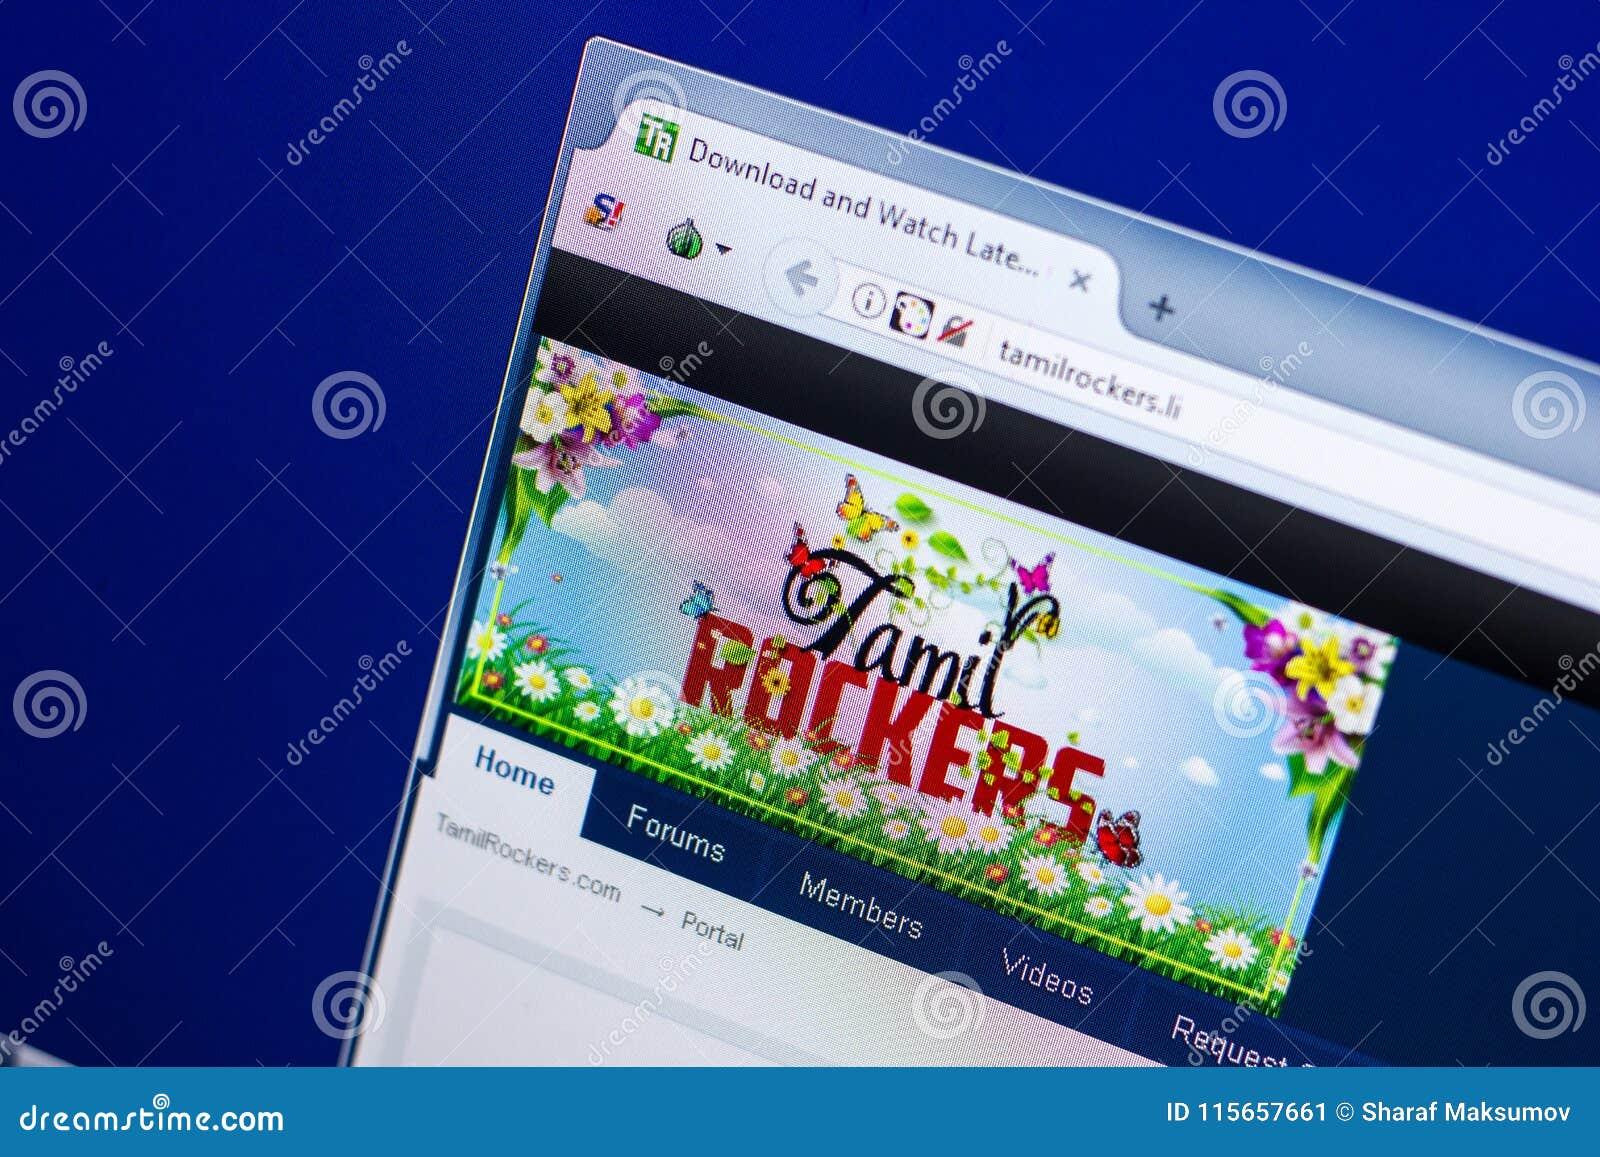 Ryazan, Russia - April 29, 2018: Homepage Of TamilRockers Website On